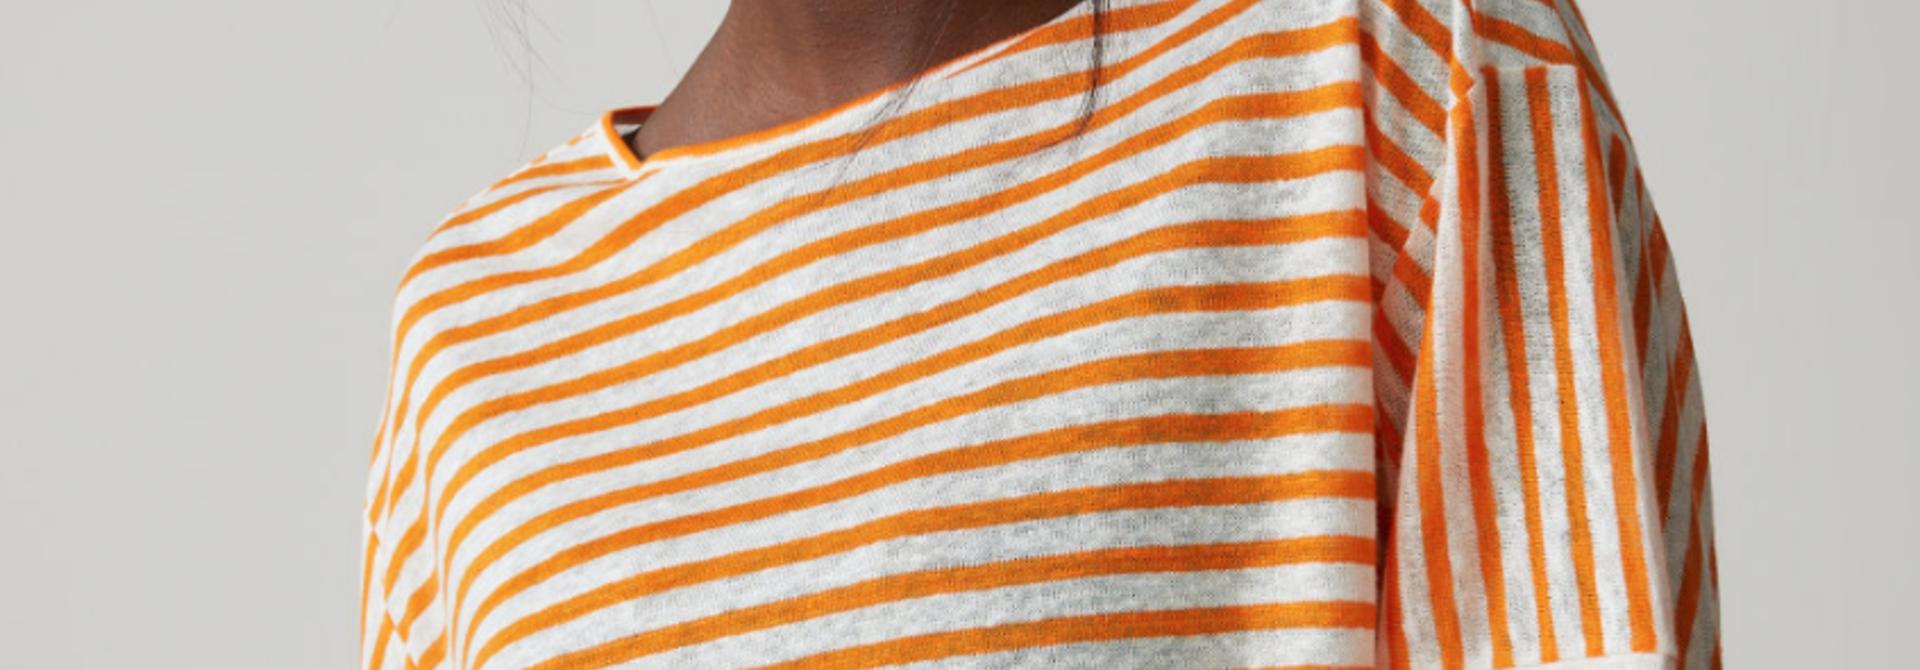 Striped linen t- shirt